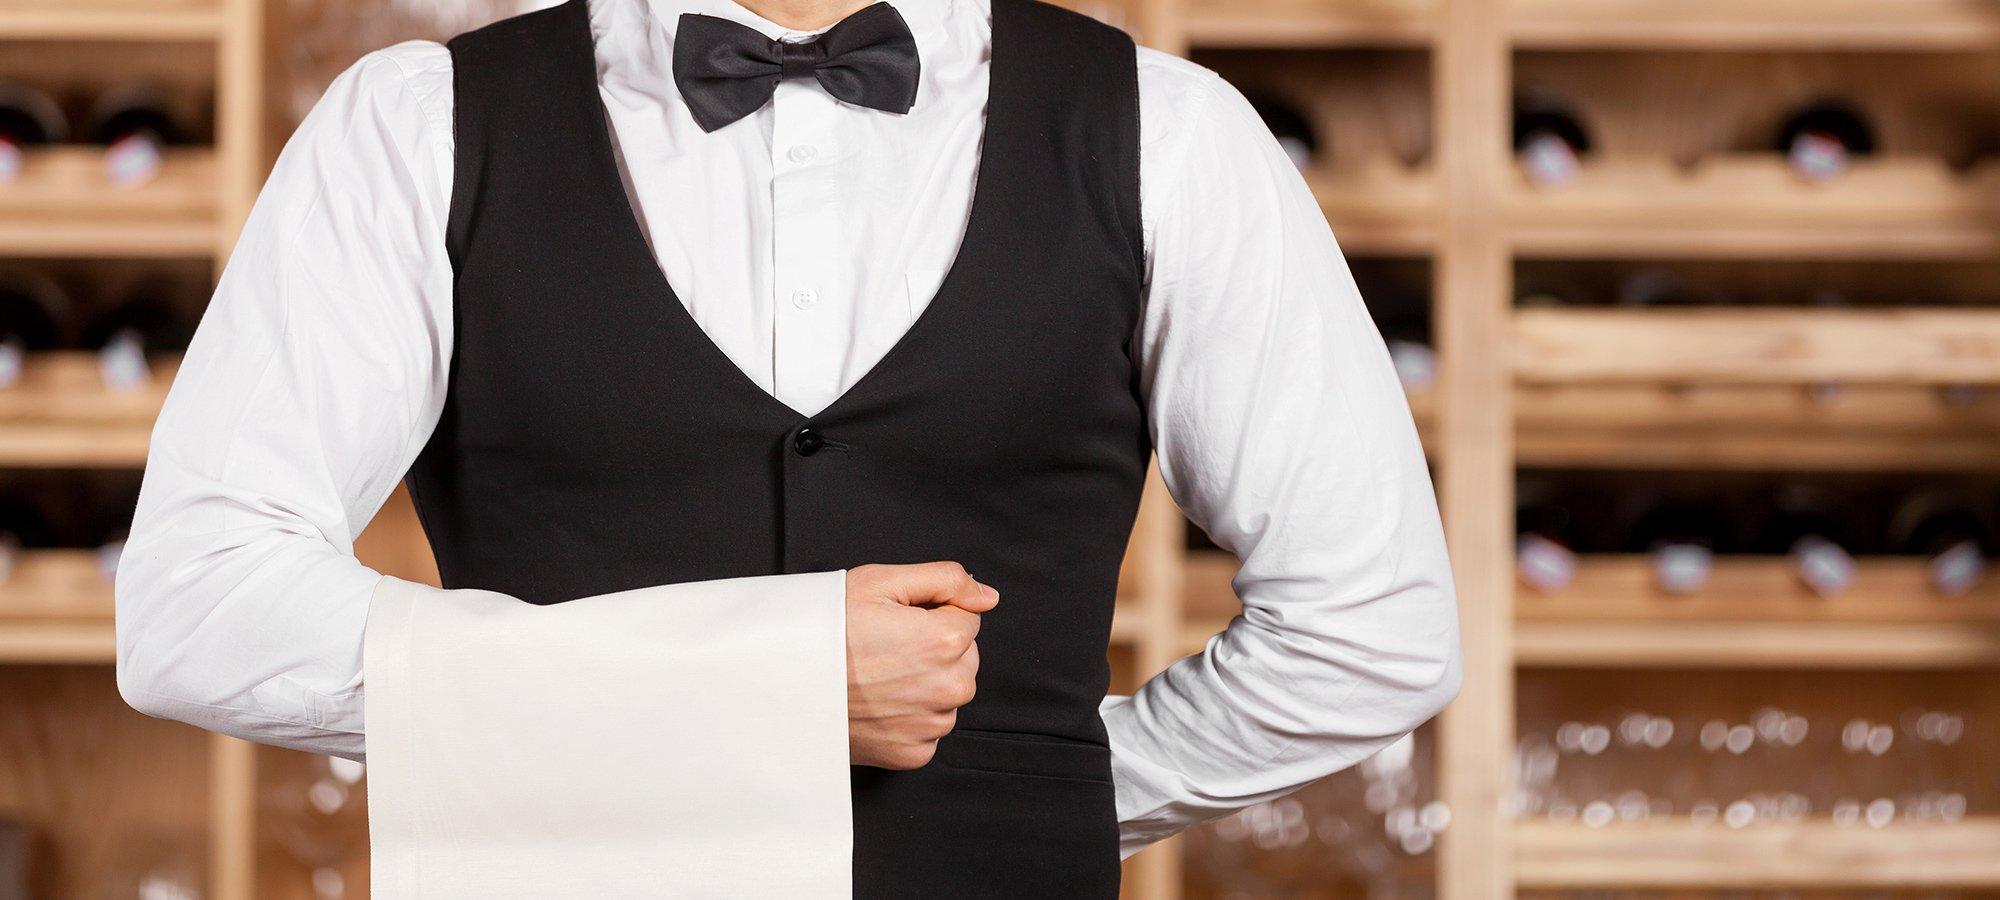 Abiti da lavoro bonvini giorgio cameriere